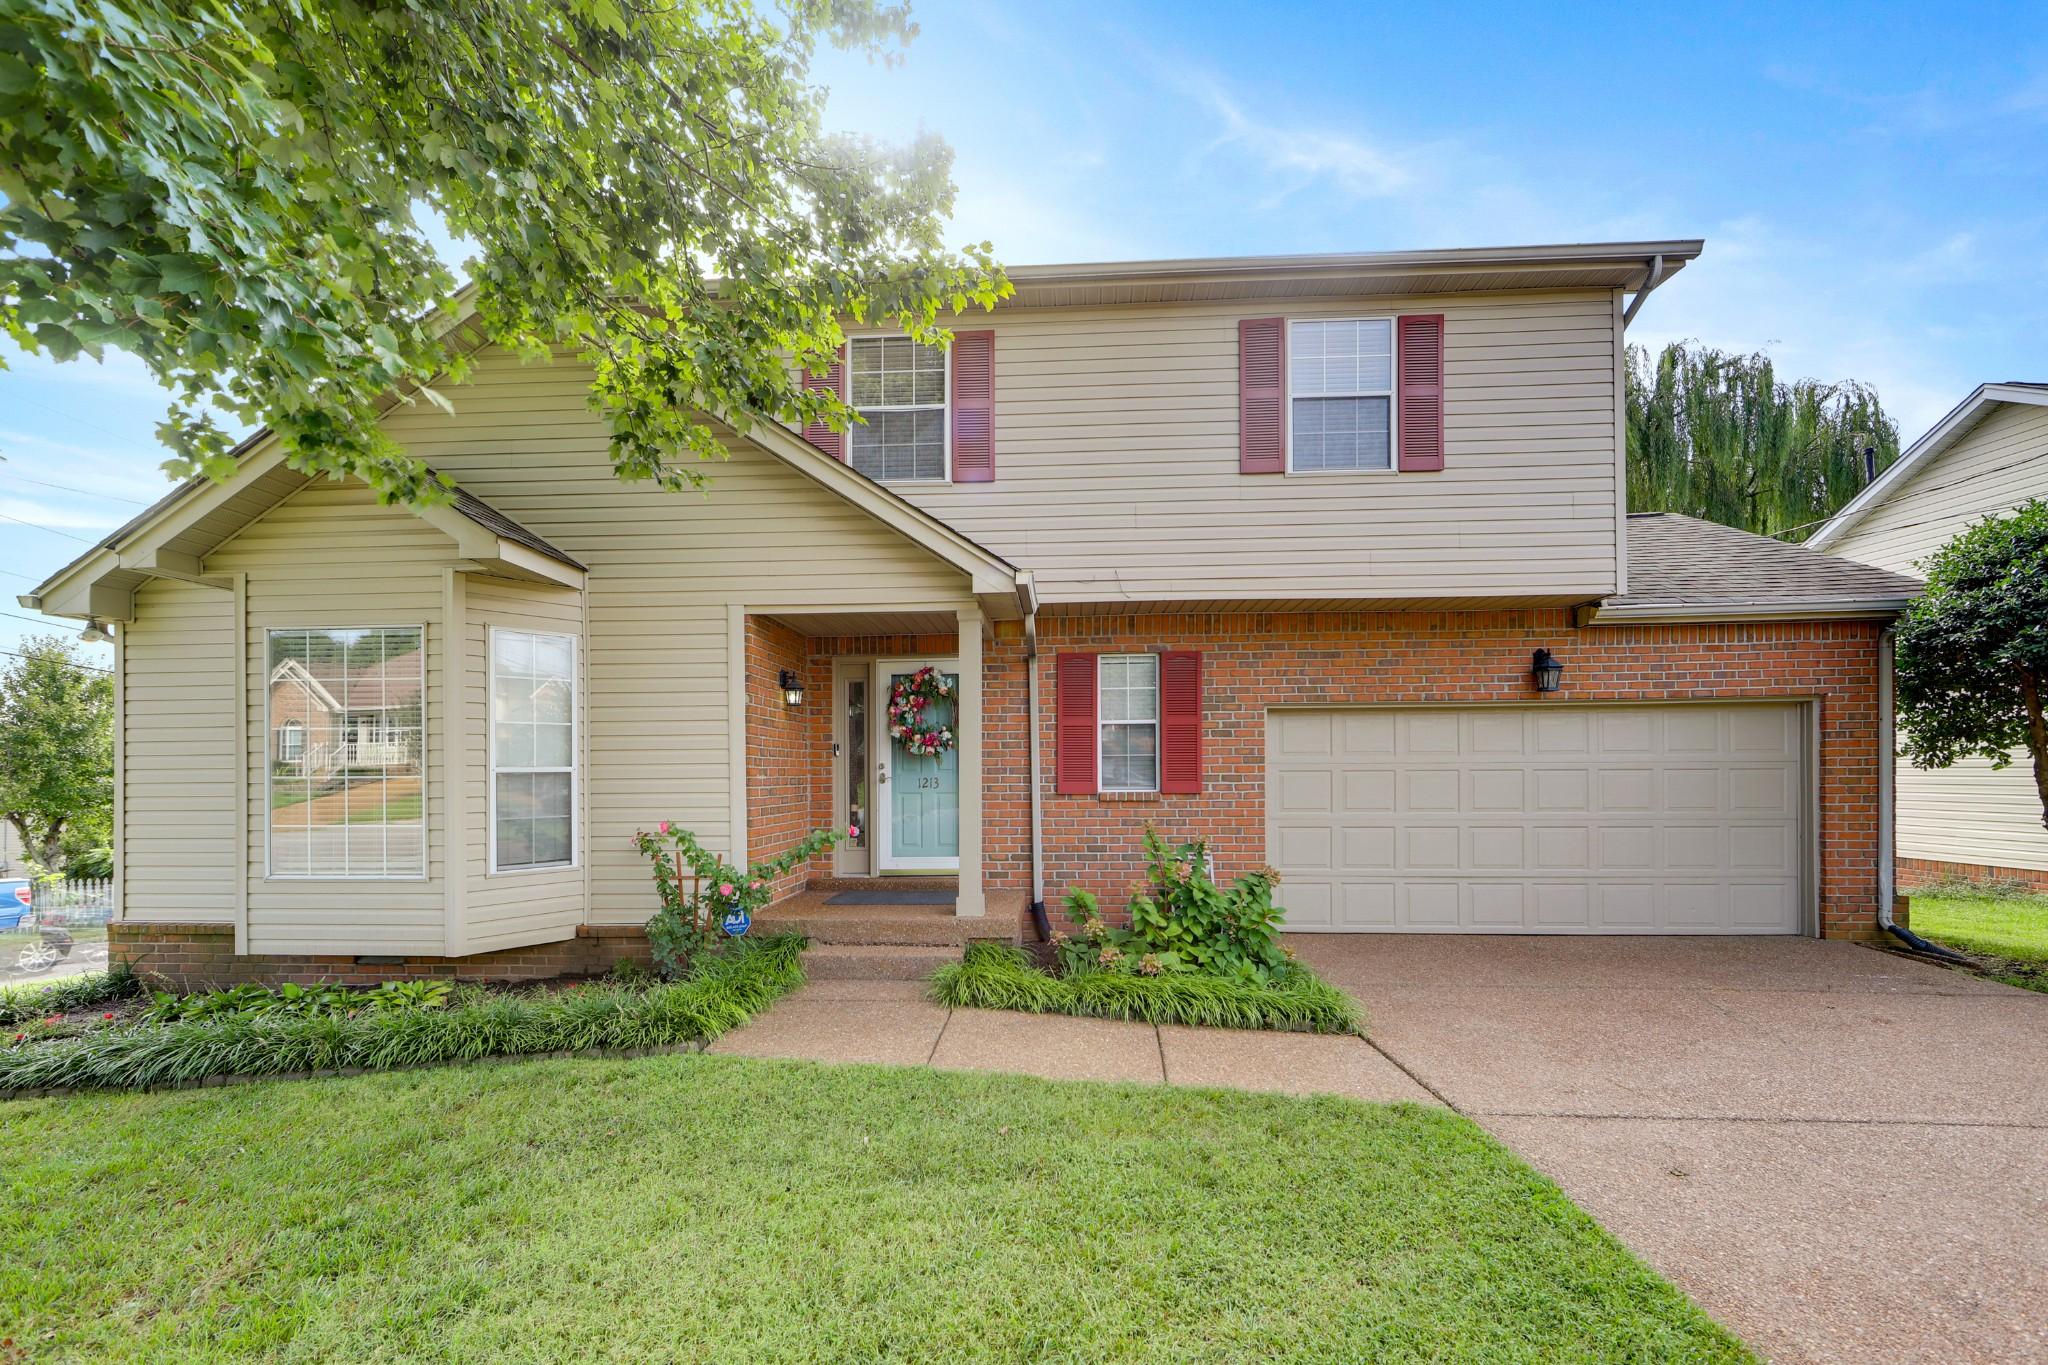 1213 Crestfield Dr Property Photo - Nashville, TN real estate listing